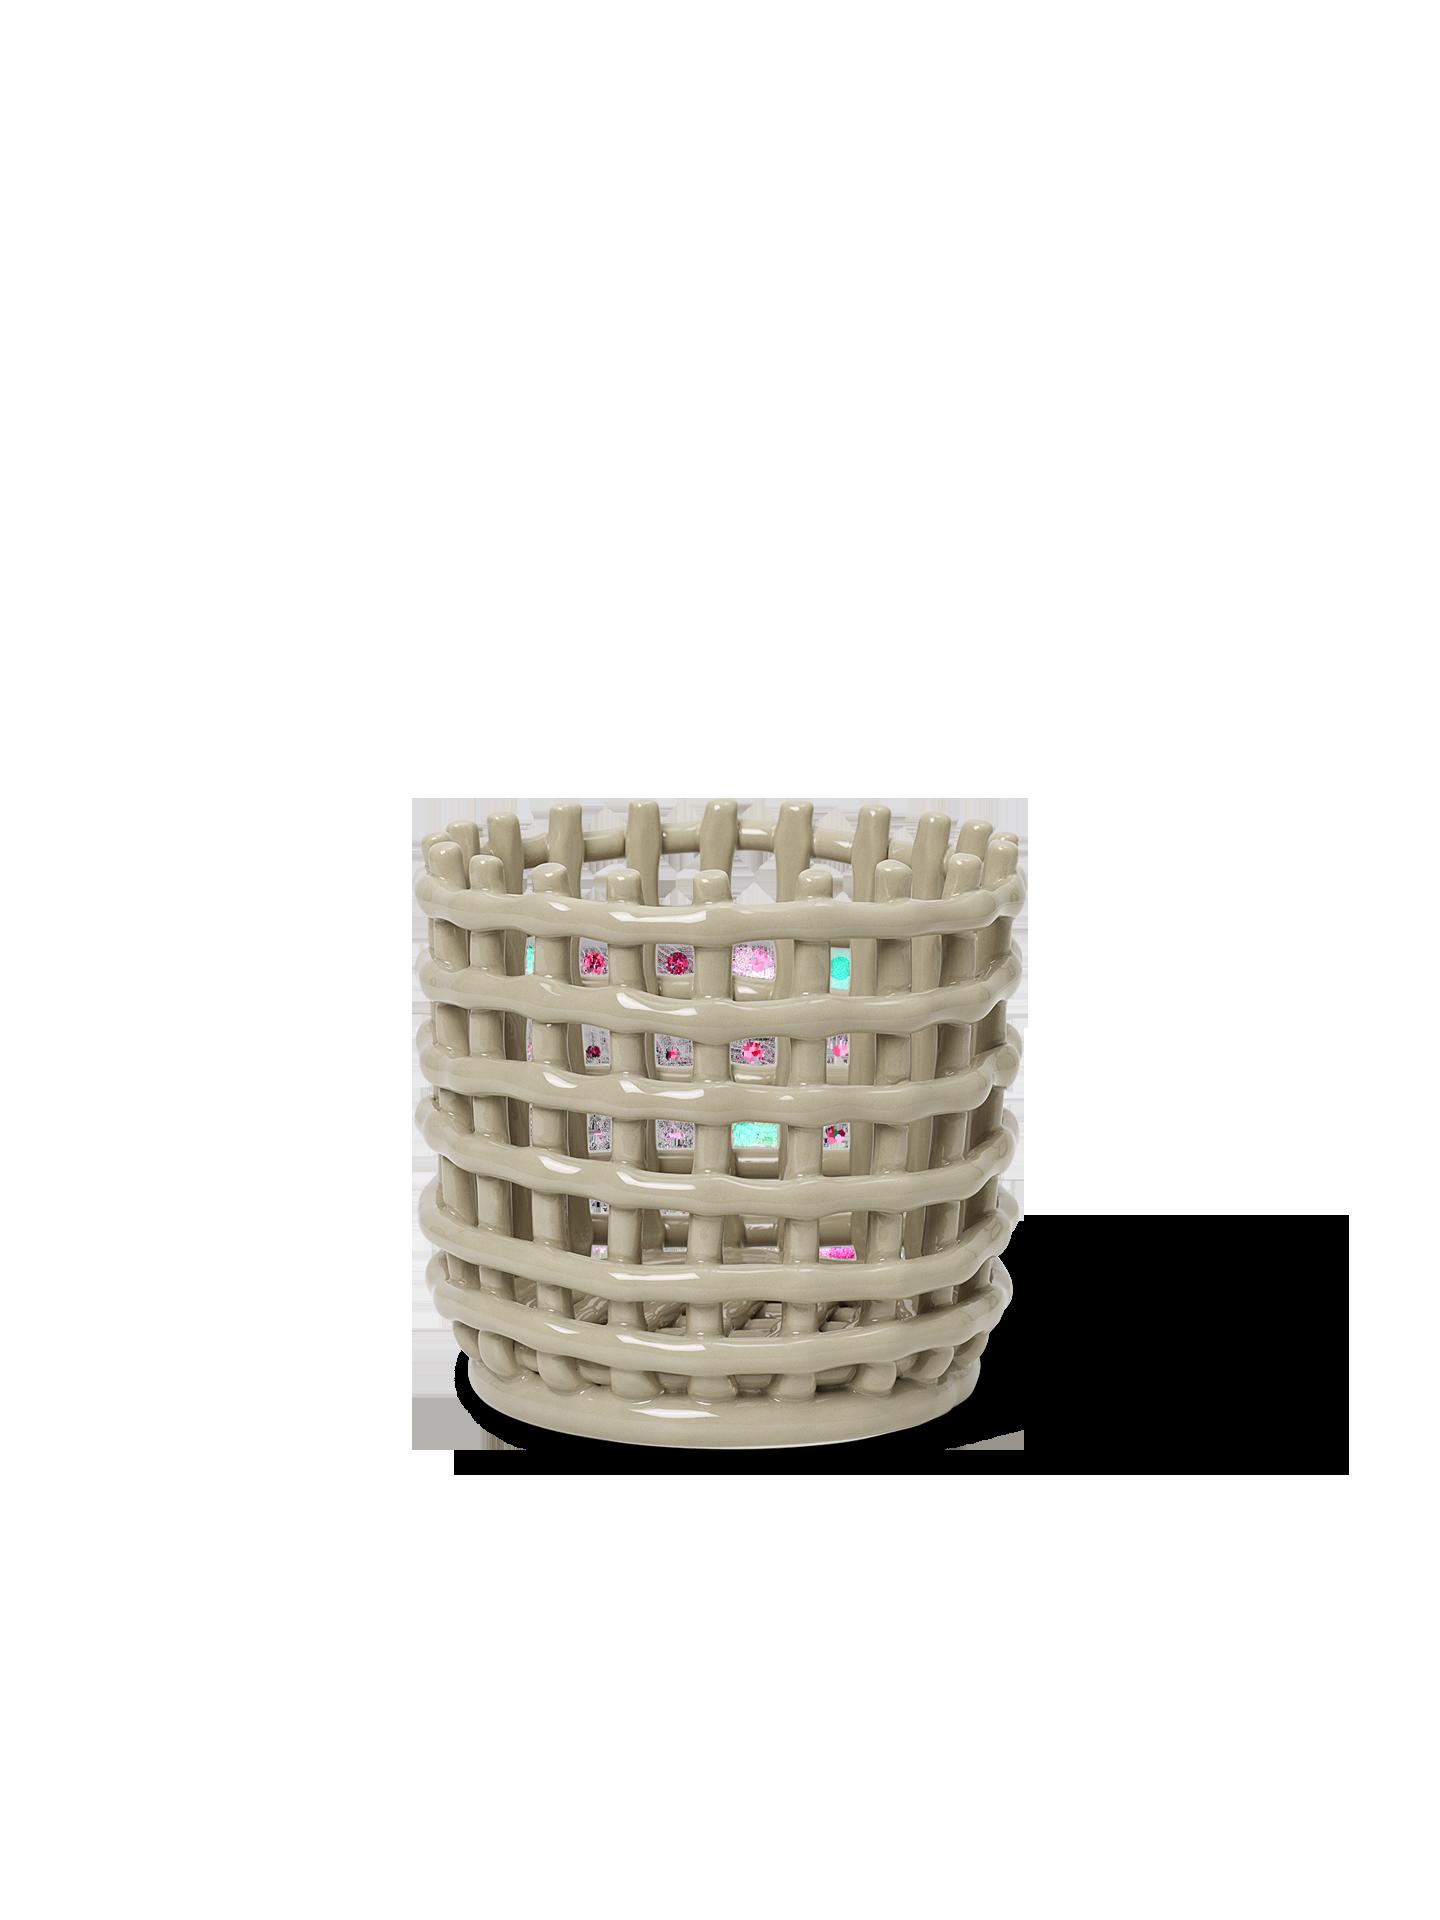 ferm living Ceramic Basket Cashmere small